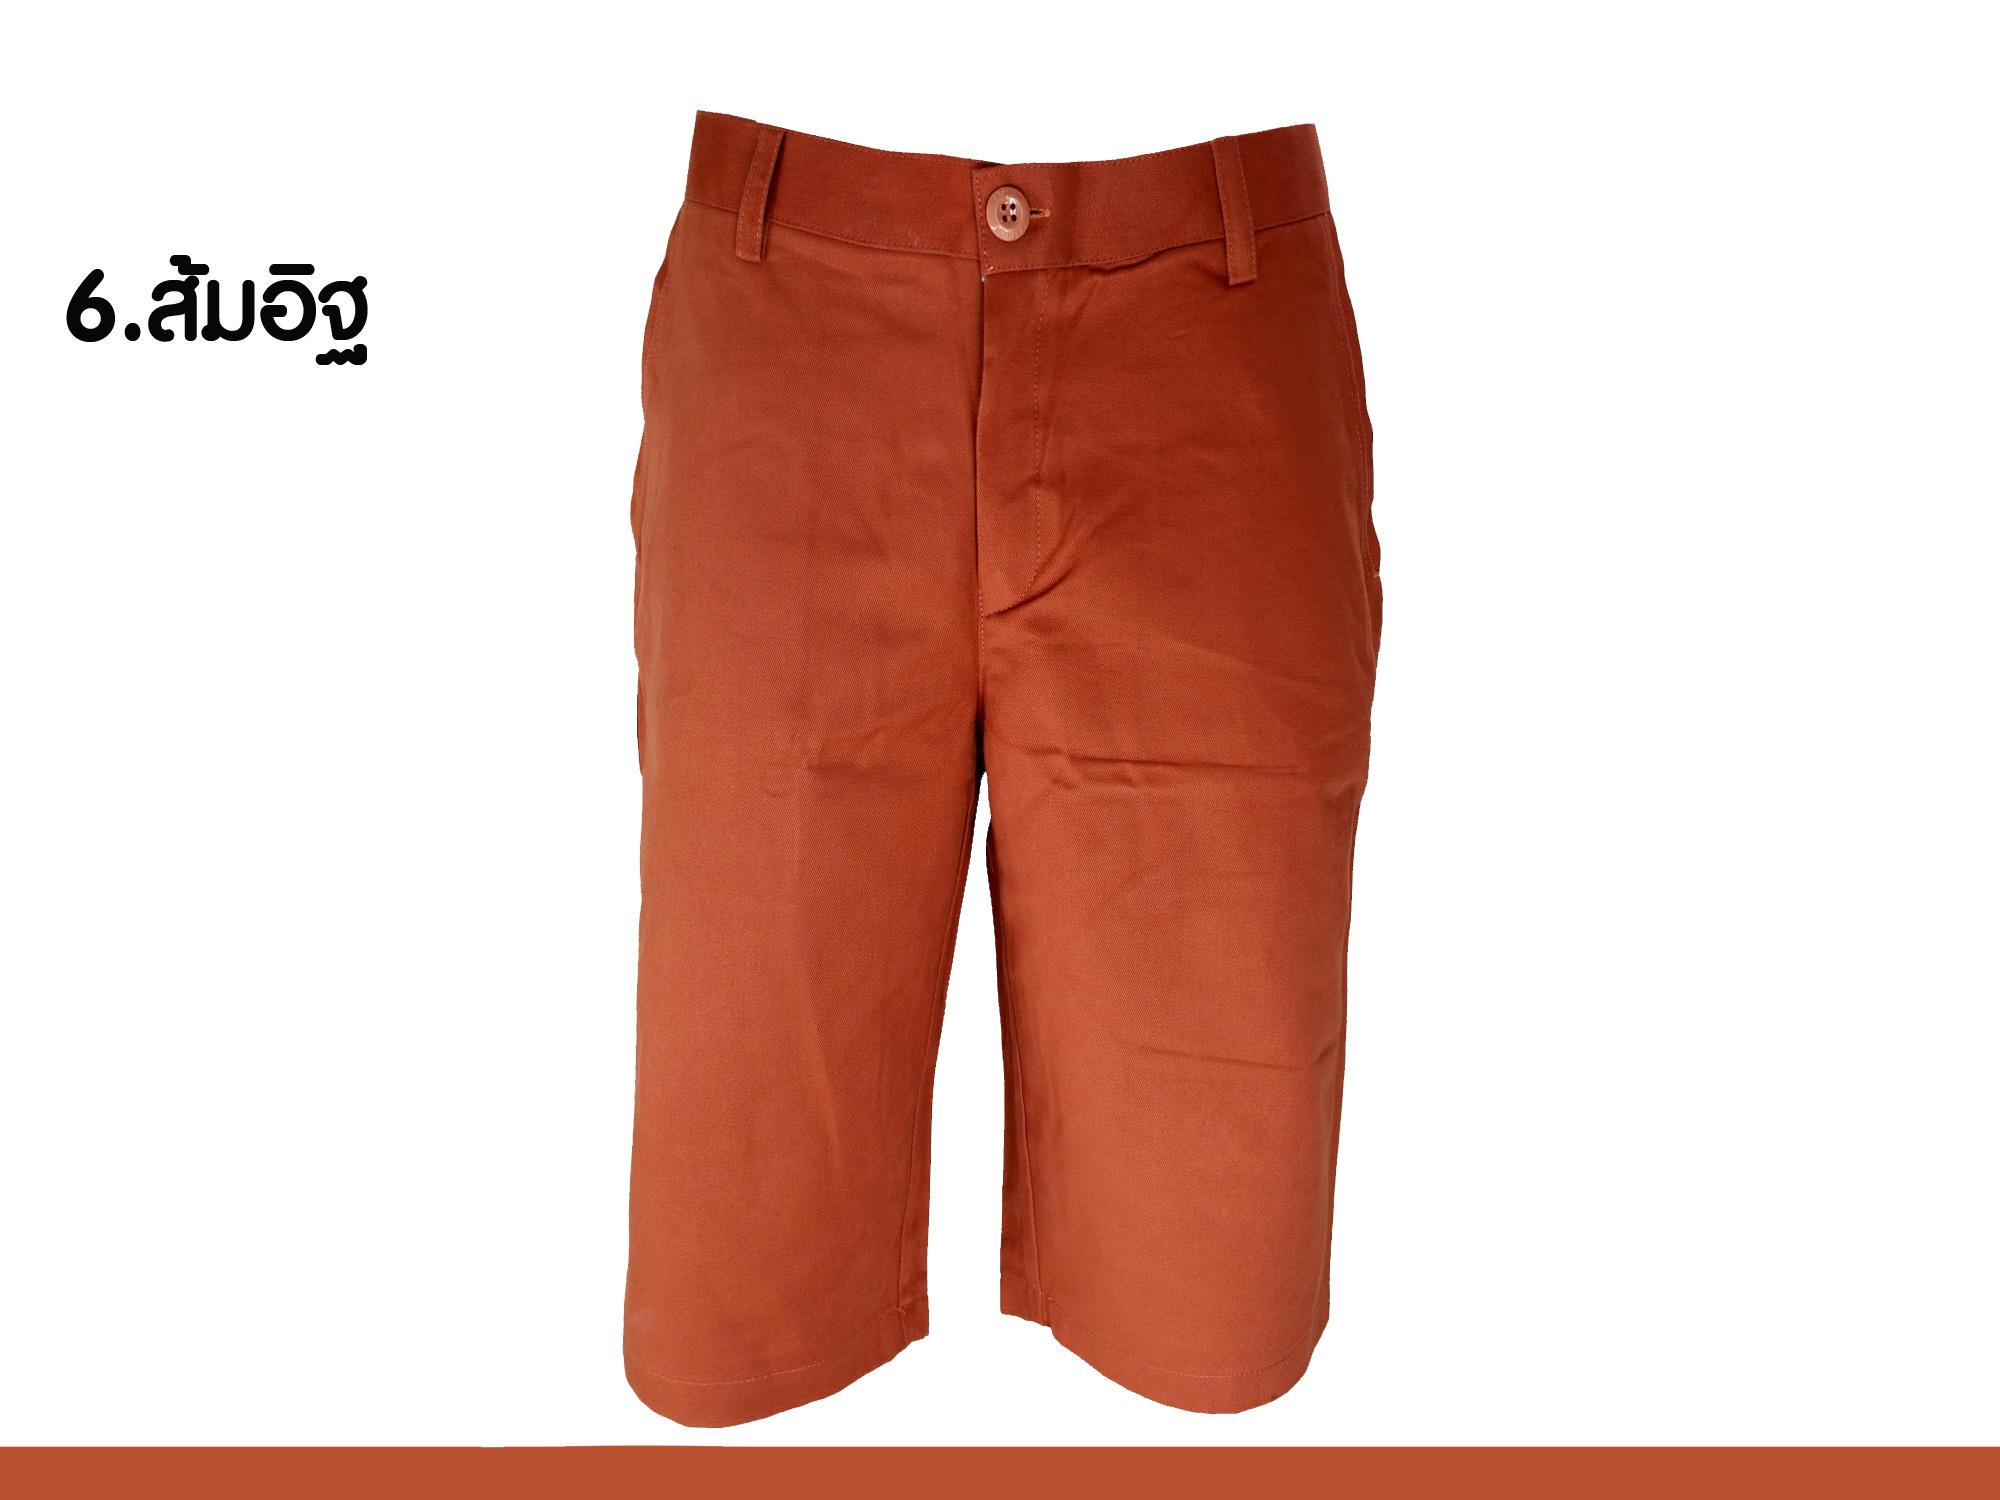 กางเกงสามส่วน รุ่น306 (สีส้มอิฐ)